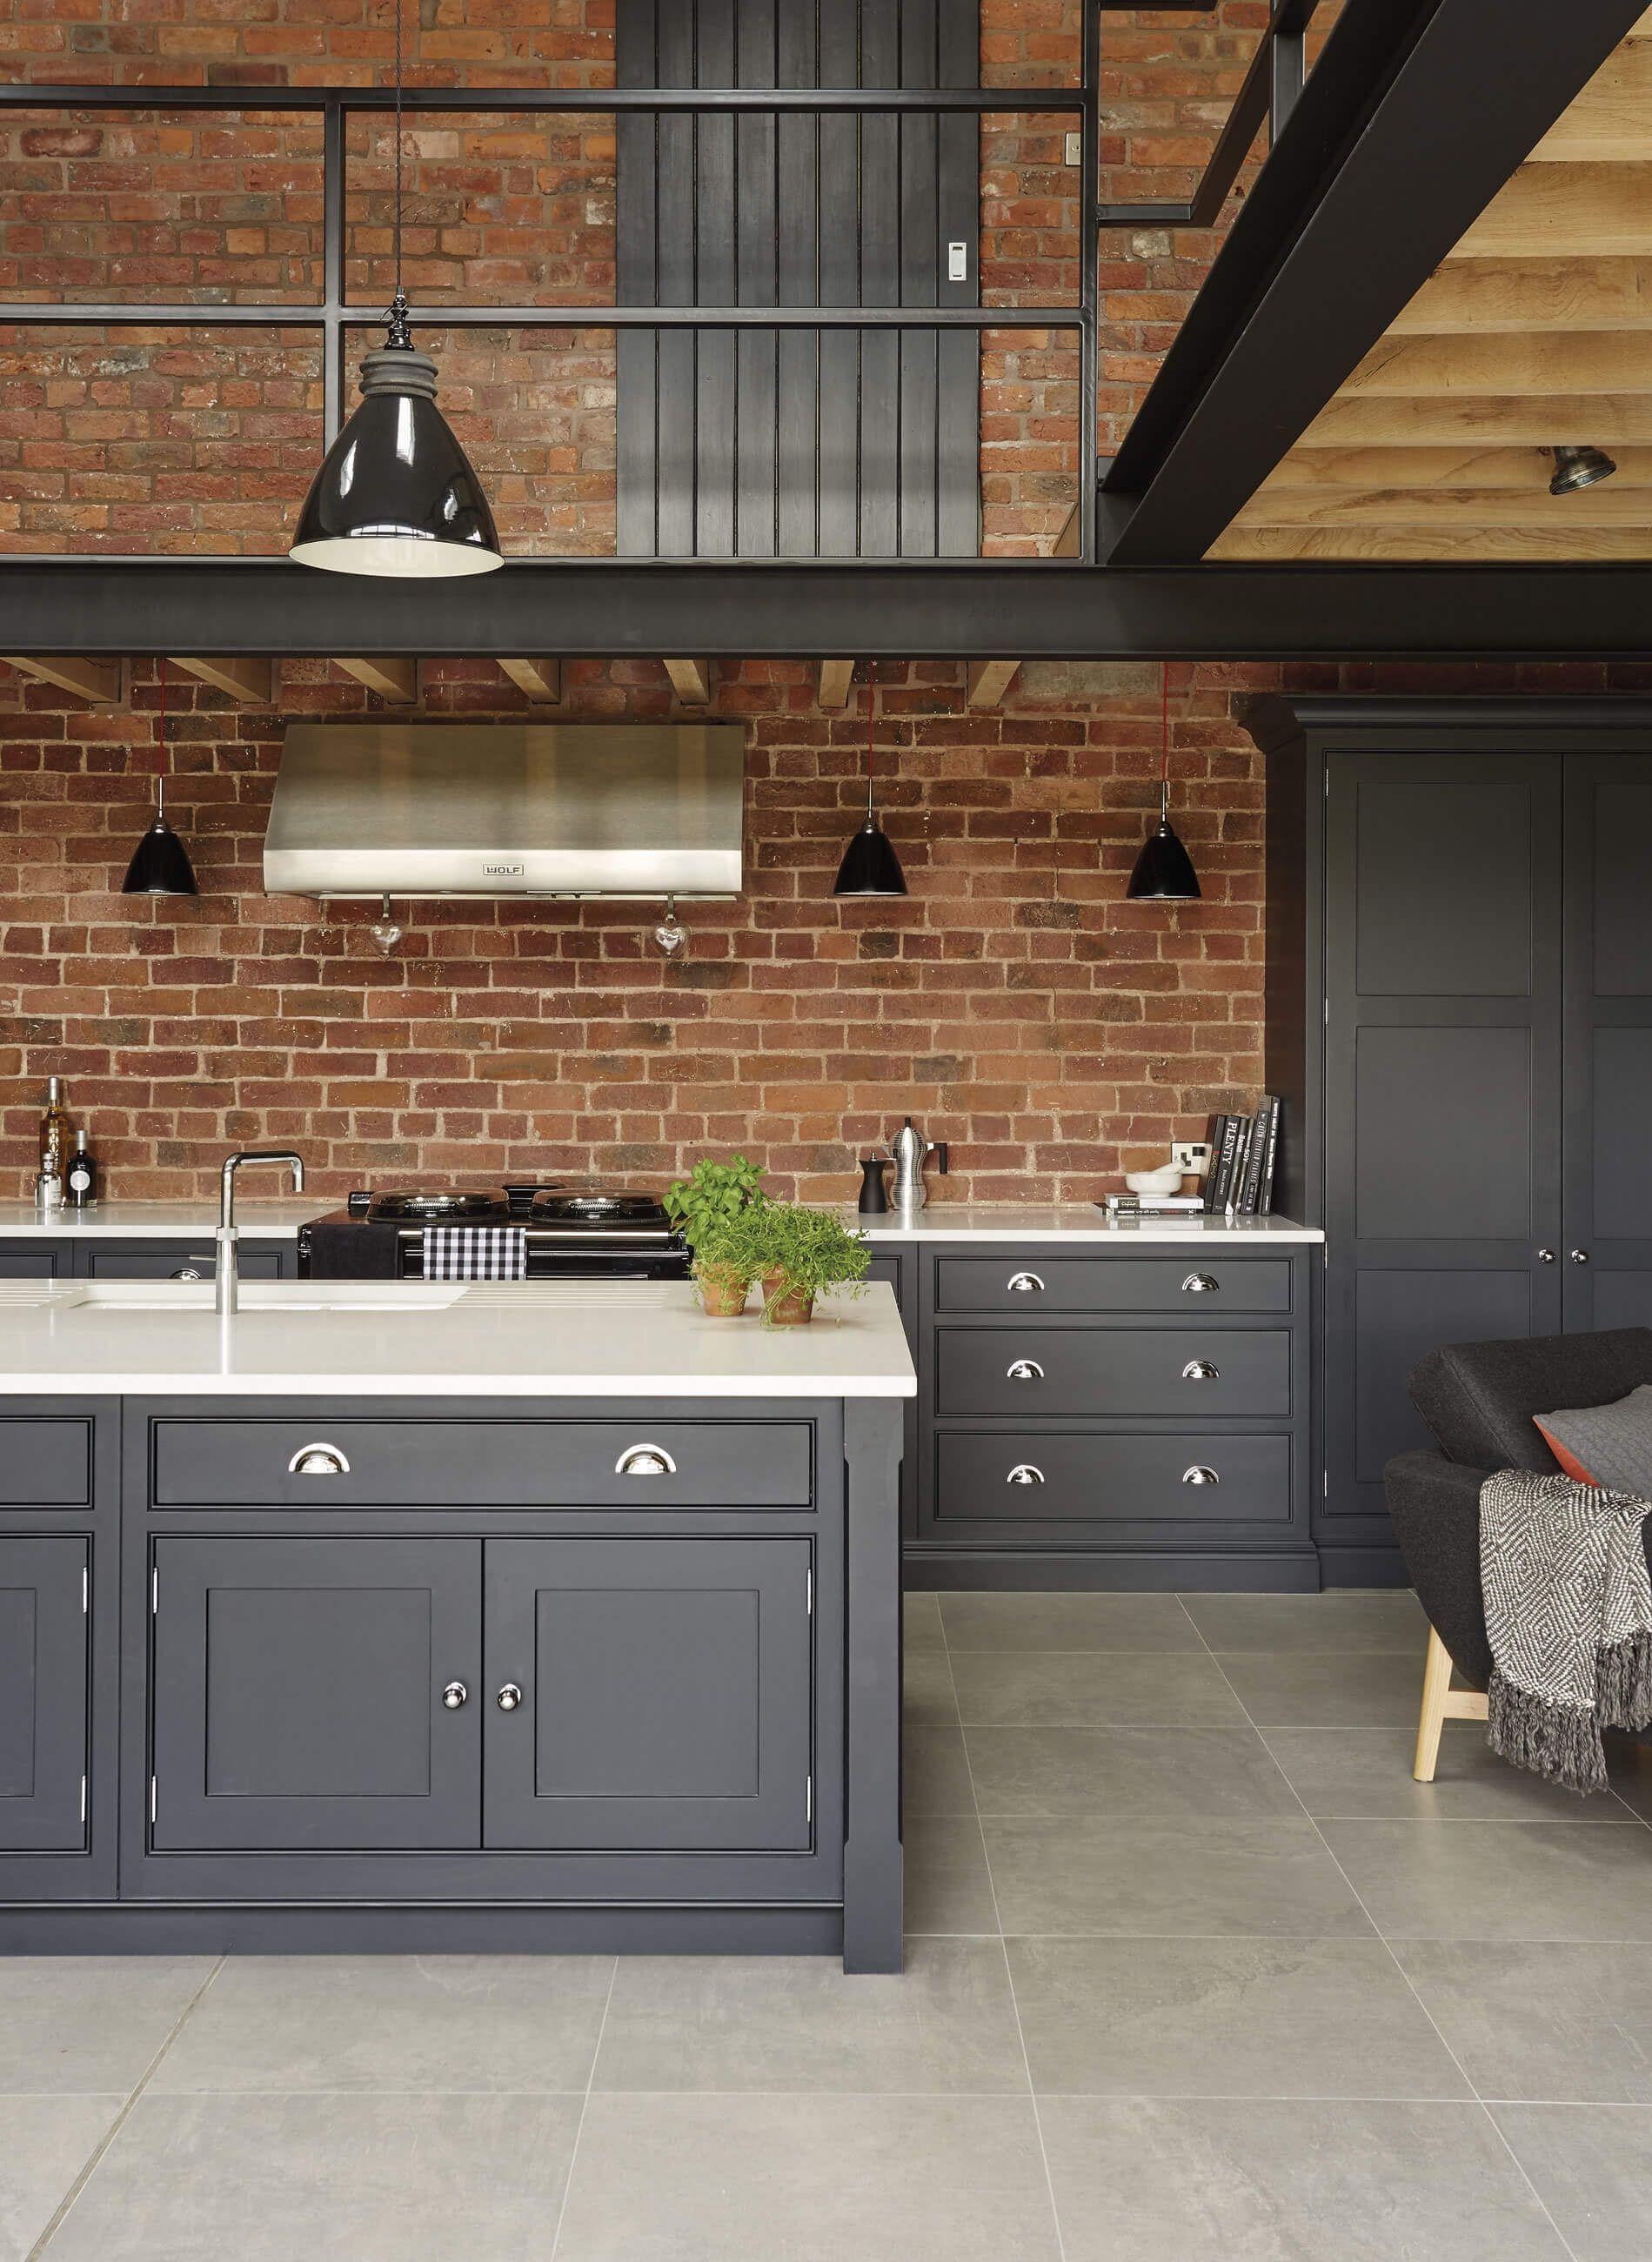 La Cocina De Estilo Industrial Industrial Style Kitchen Industrial Decor Kitchen Industrial Kitchen Design